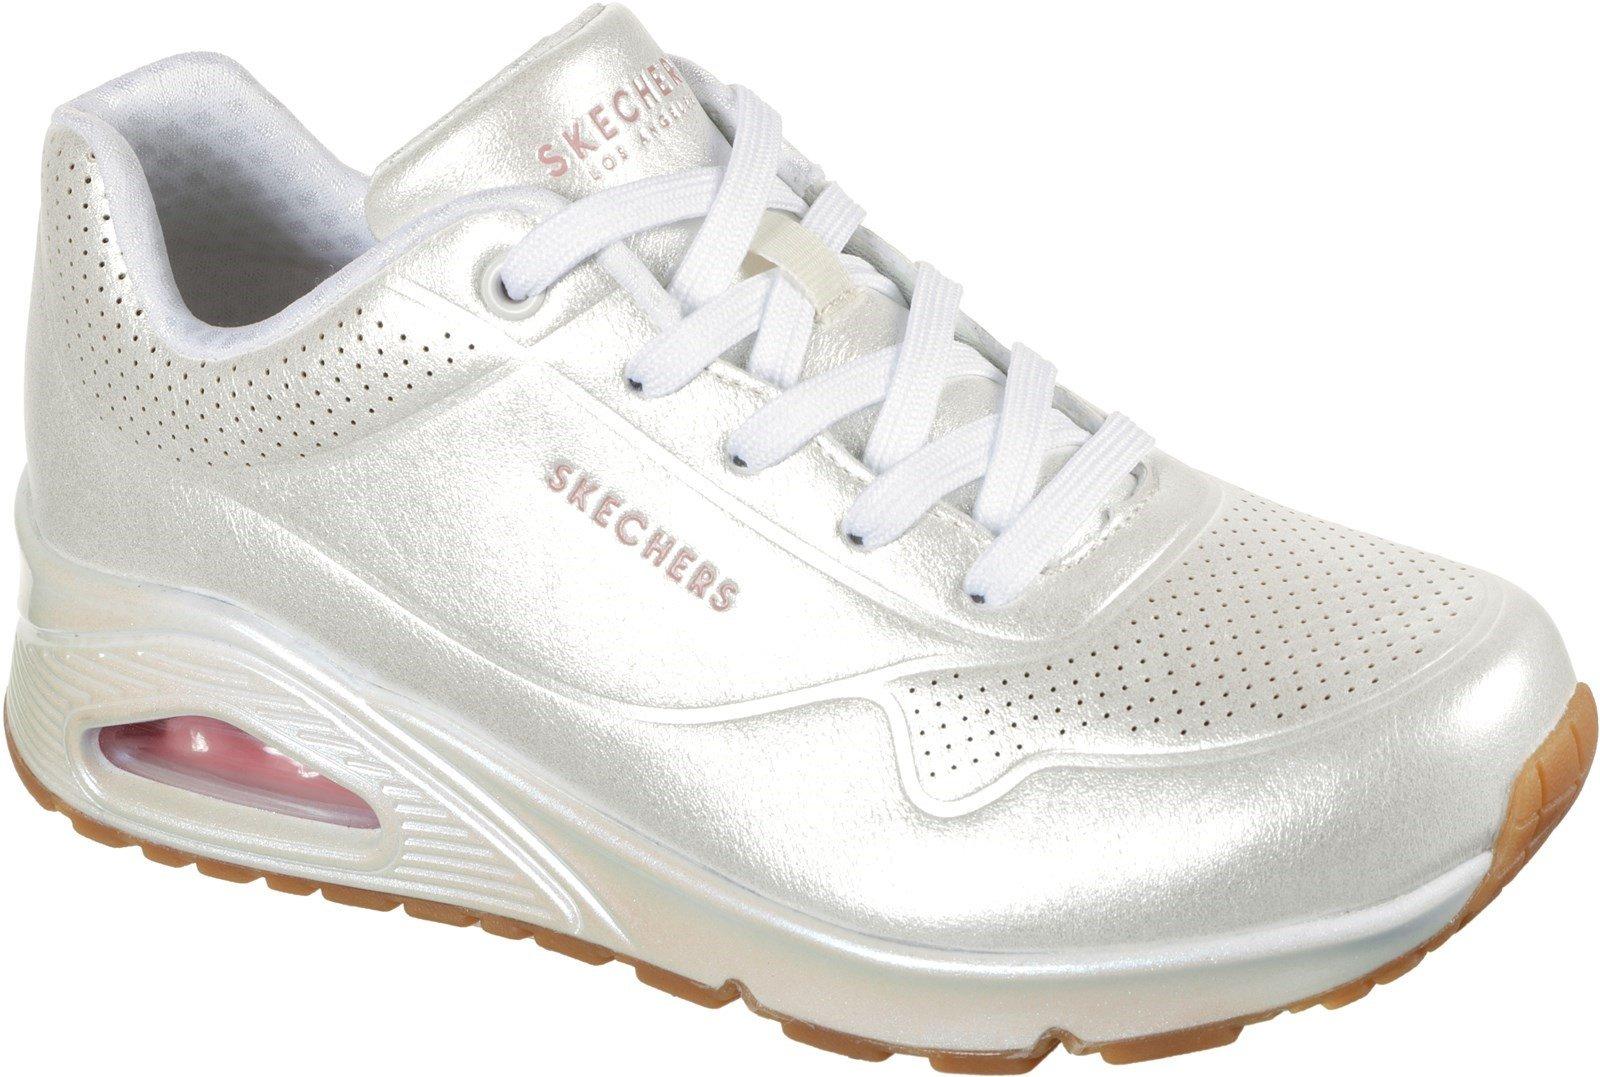 Skechers Women's Uno Pearl Queen Sports Trainer White 32136 - White 8